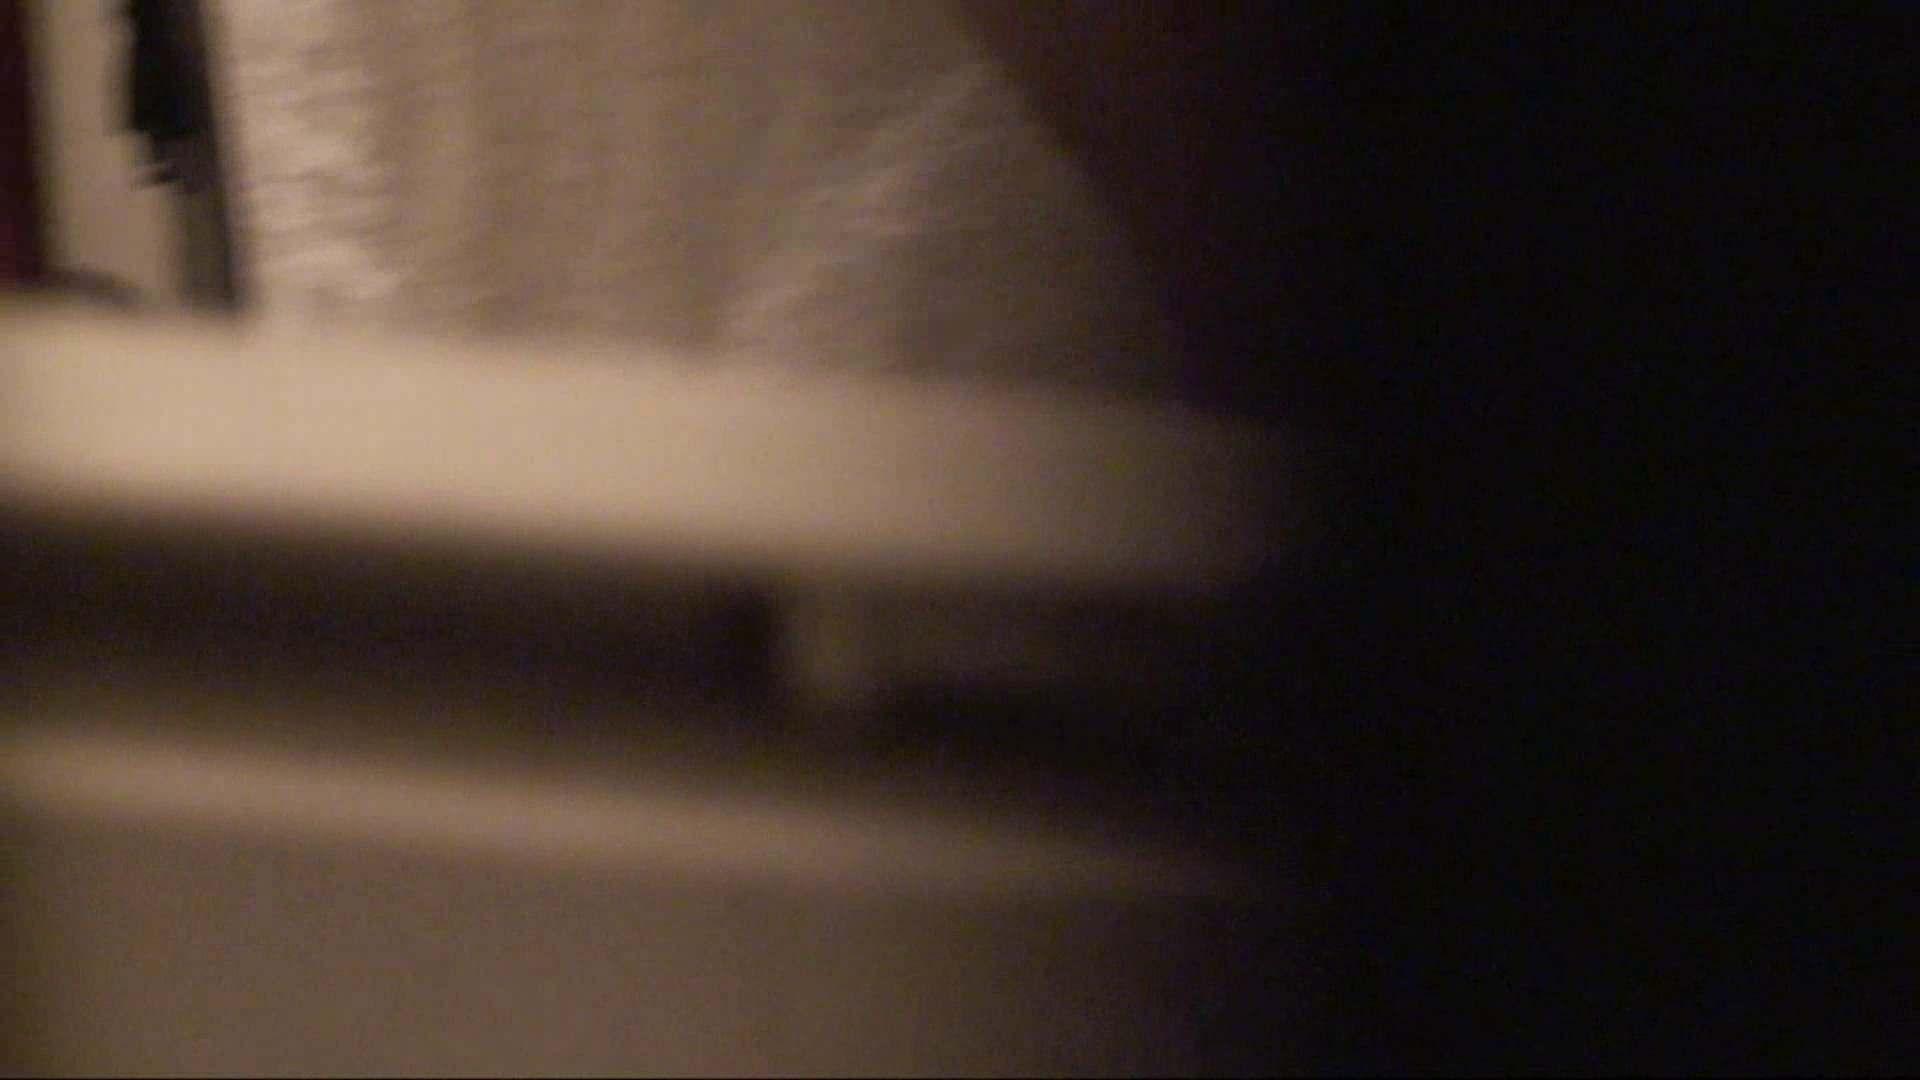 vol.02超可愛すぎる彼女の裸体をハイビジョンで!至近距離での眺め最高! 民家 オマンコ無修正動画無料 94連発 11